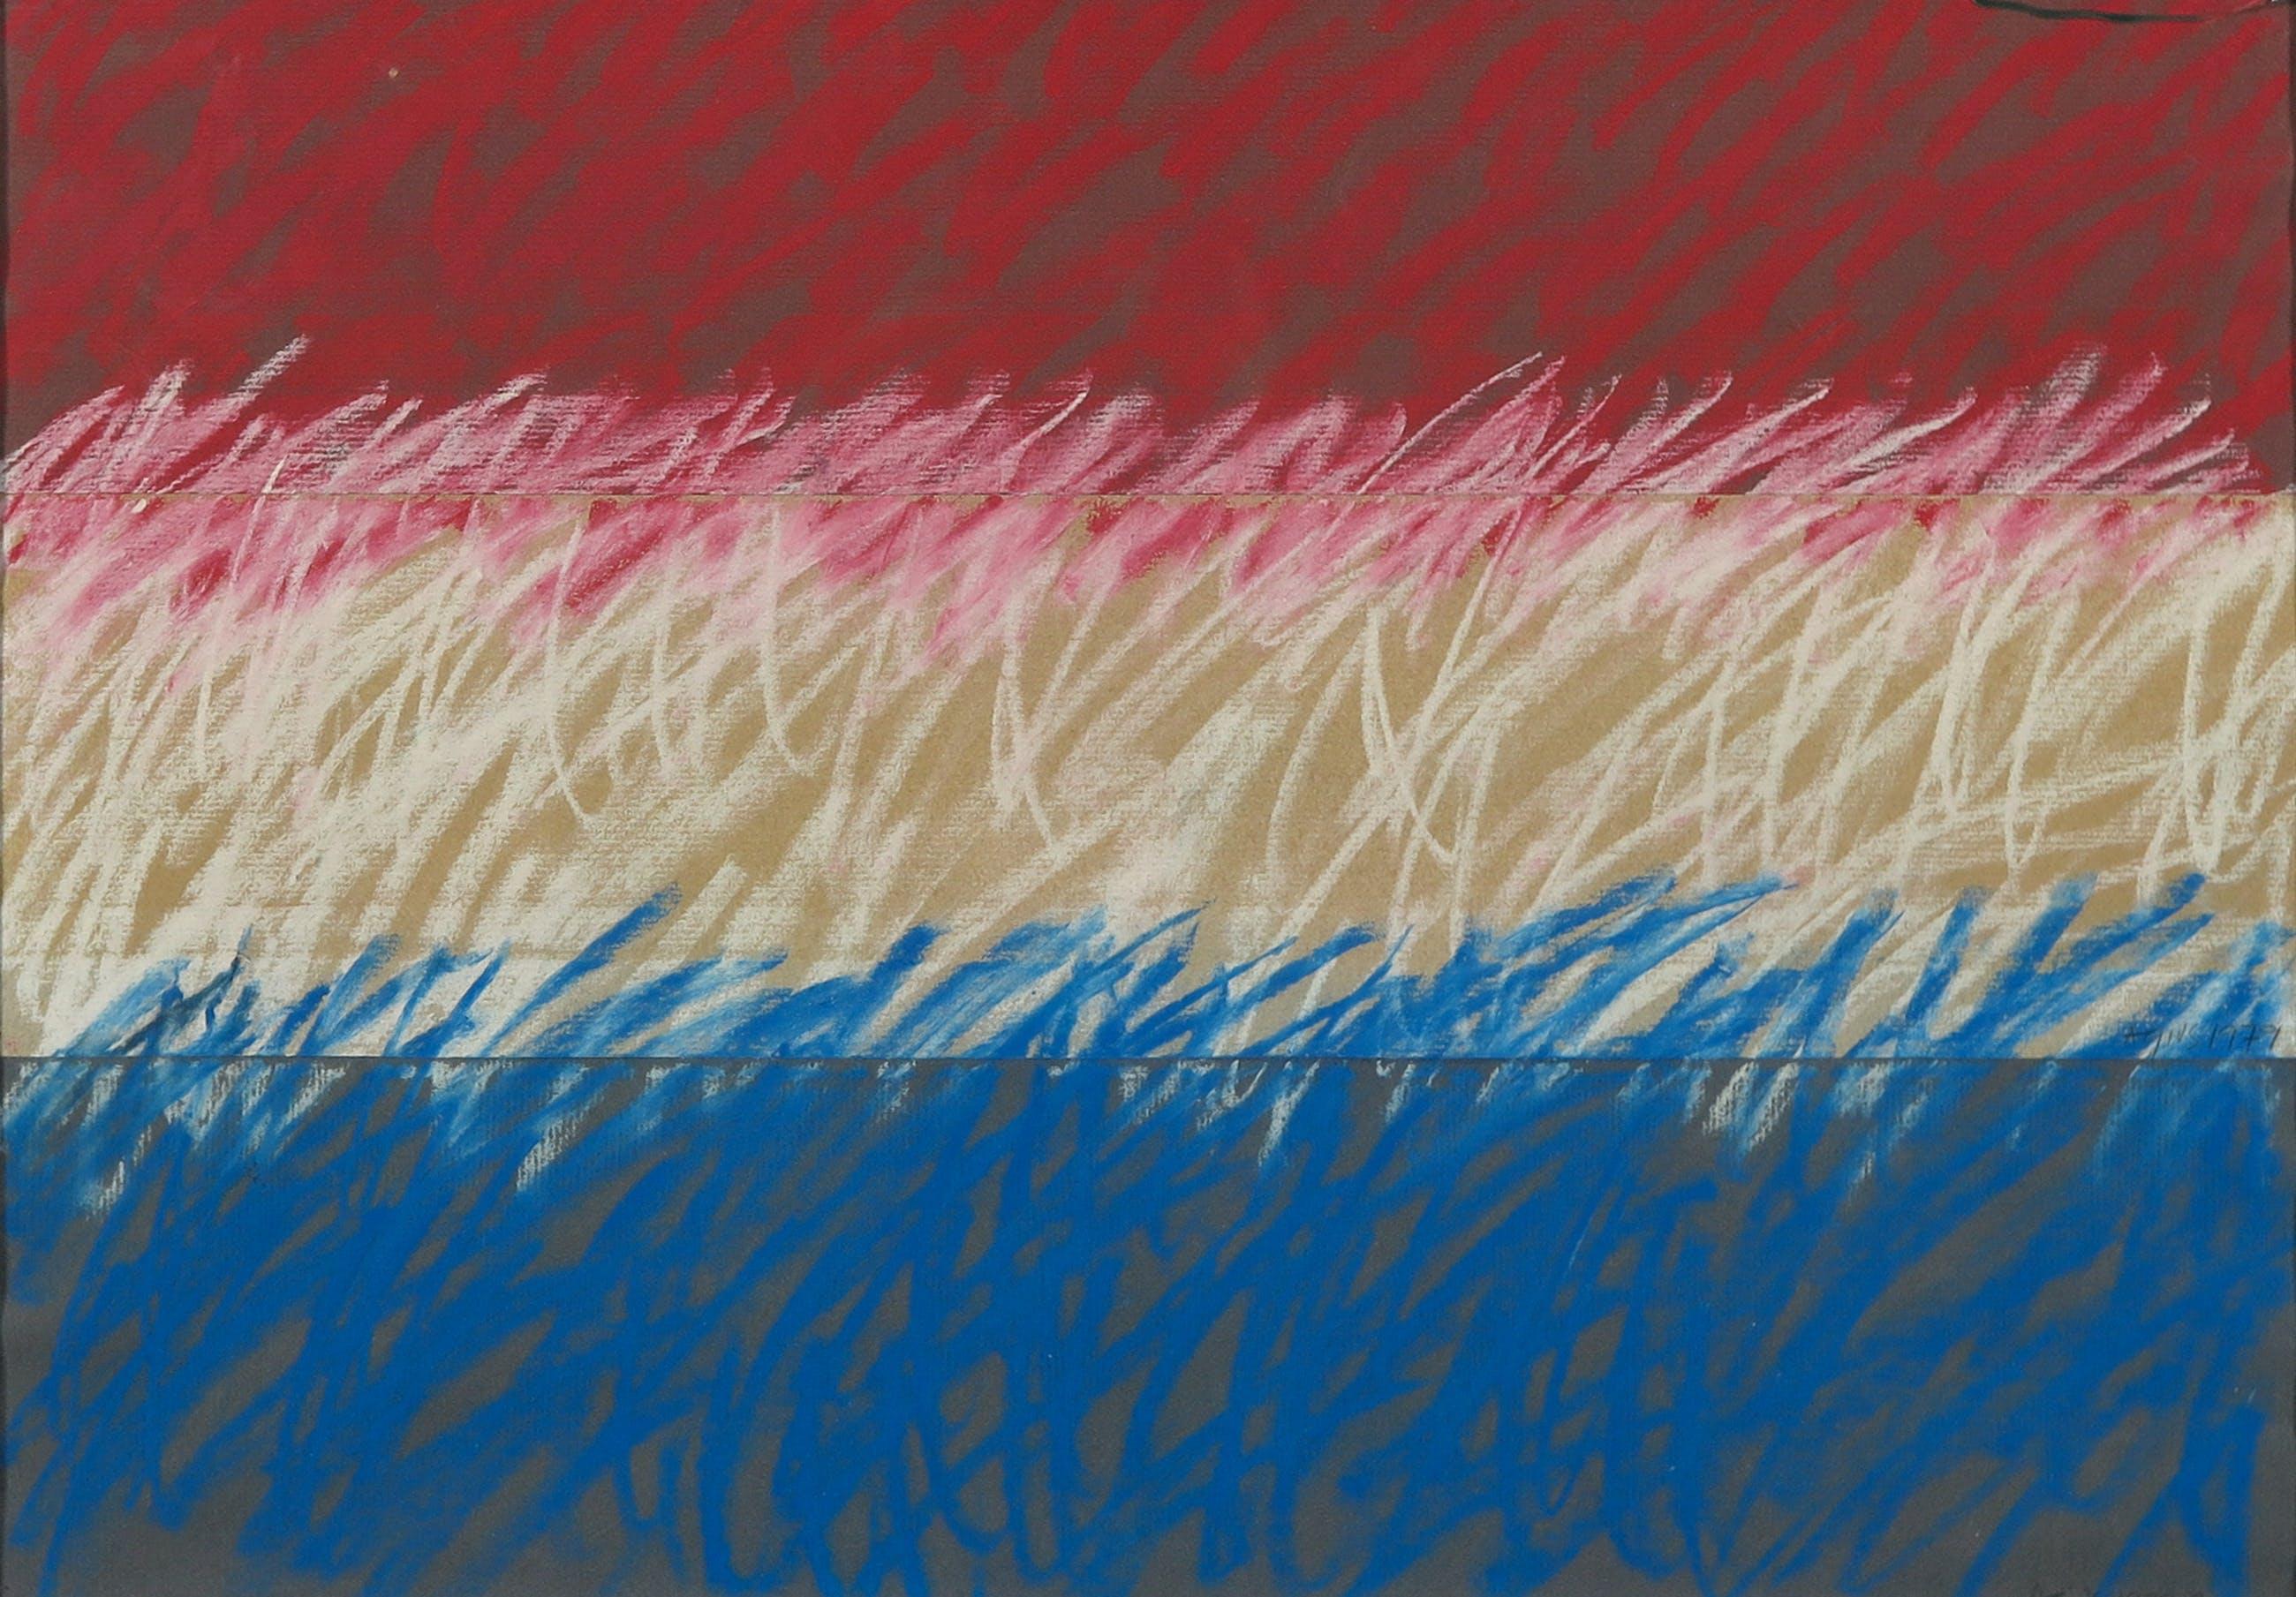 Juan J. Agius - Pastelkrijt op papier, Rood, wit, blauw - Ingelijst kopen? Bied vanaf 1!